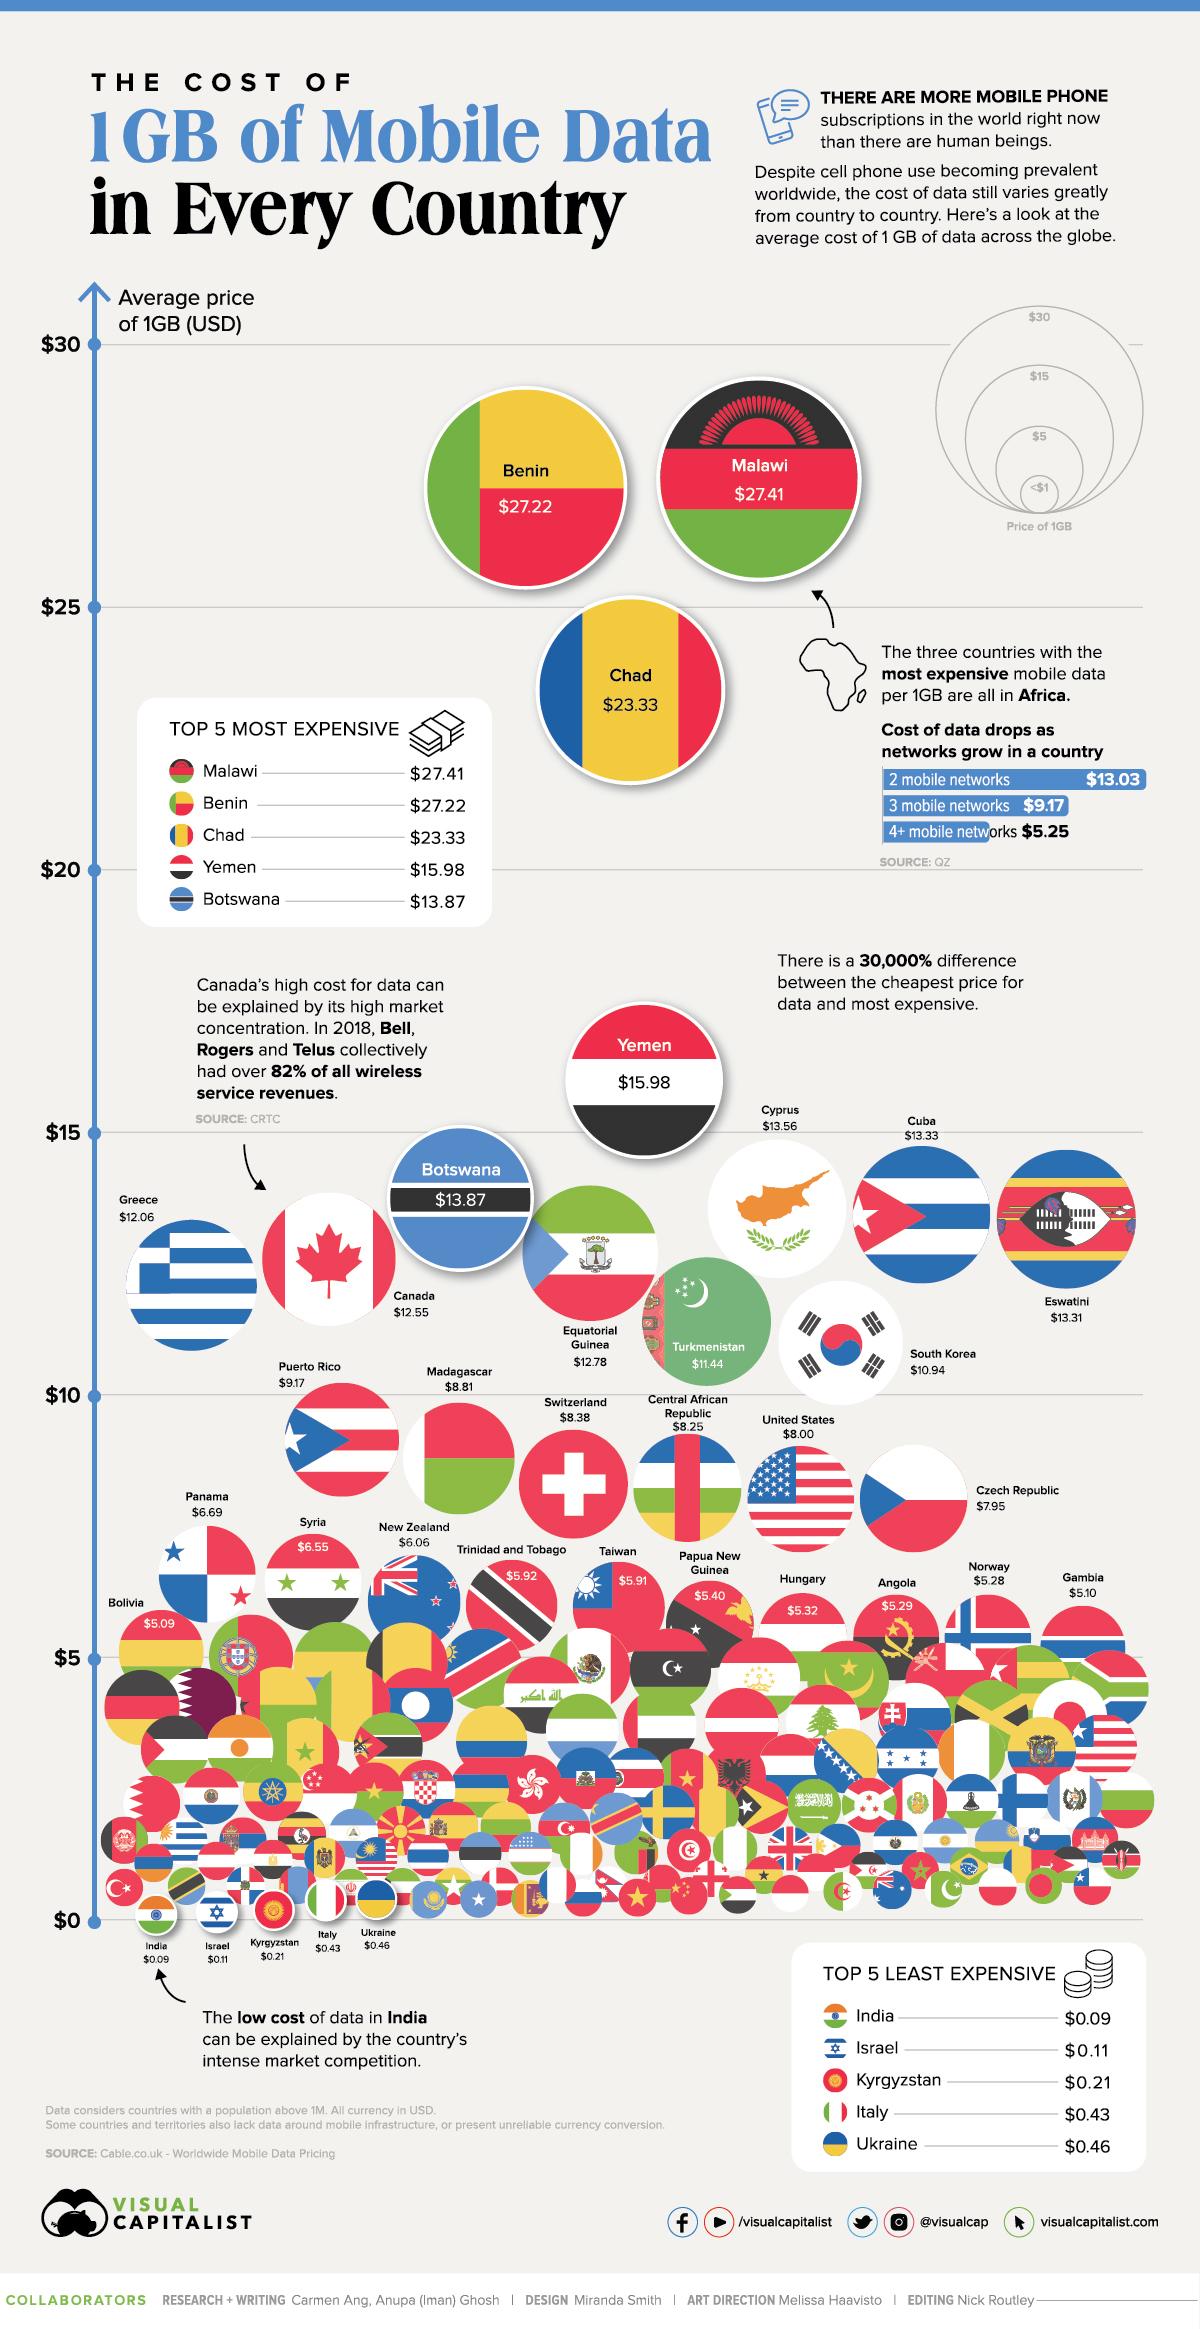 Xếp hạng chi phí dữ liệu di động của 1 số quốc gia trên thế giới